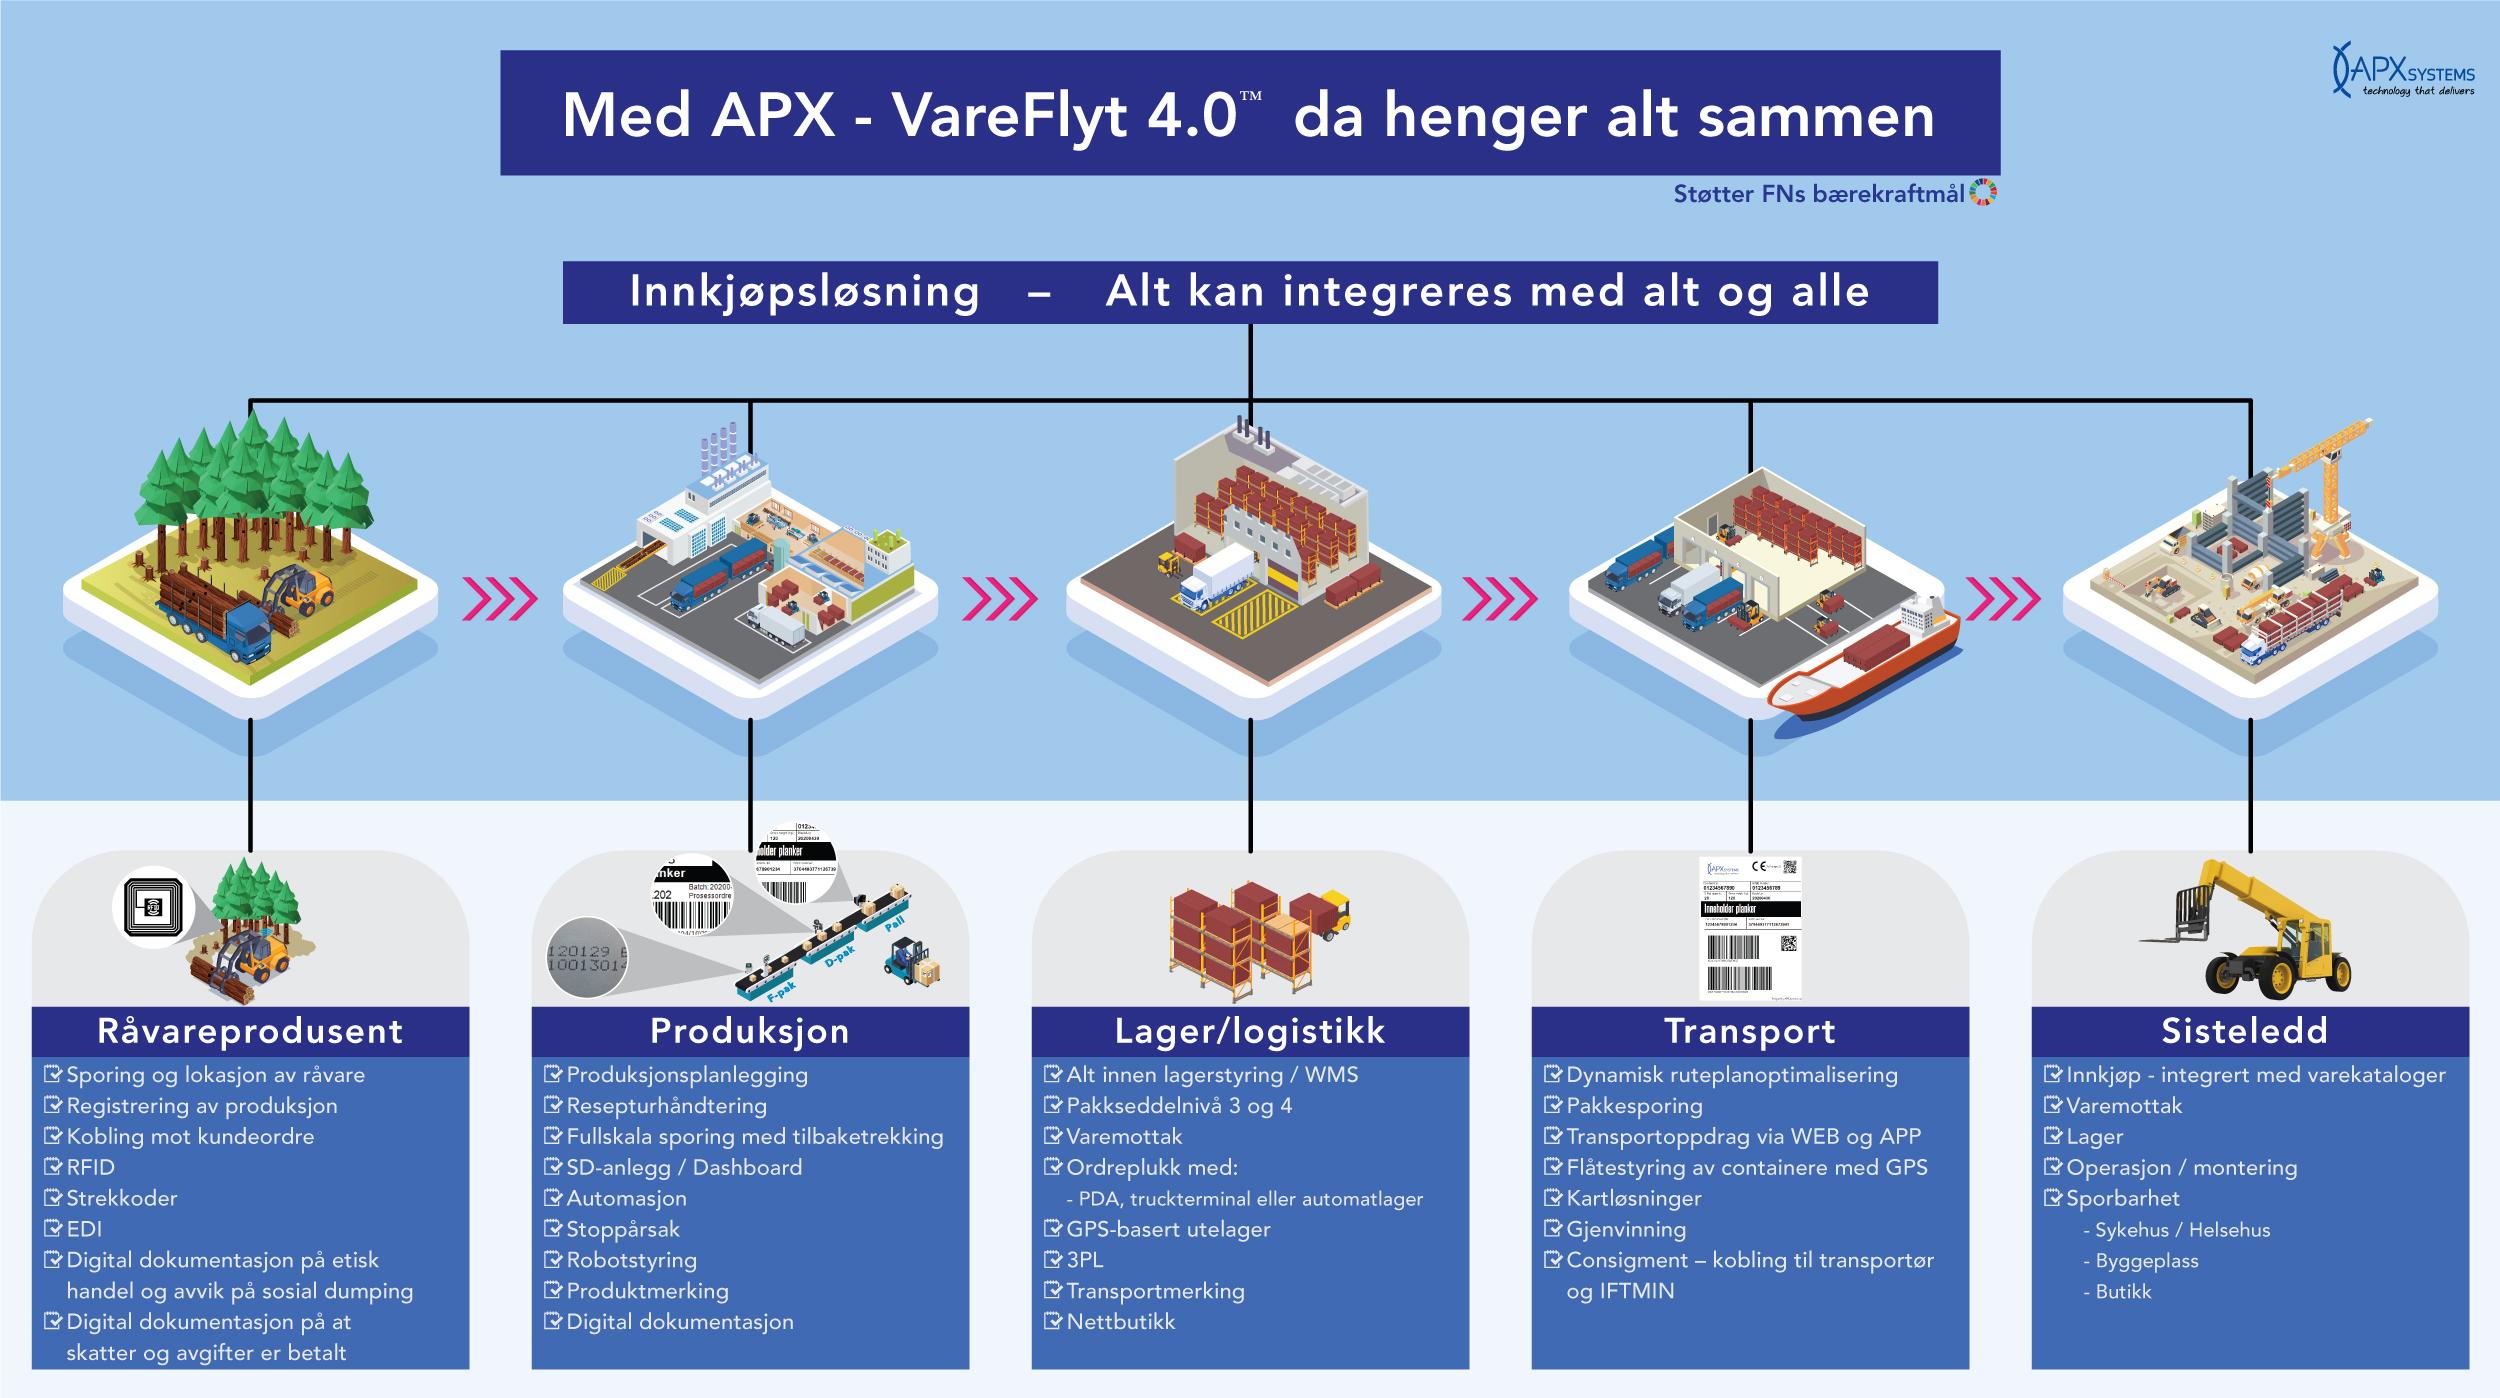 APX vareflyt 4.0